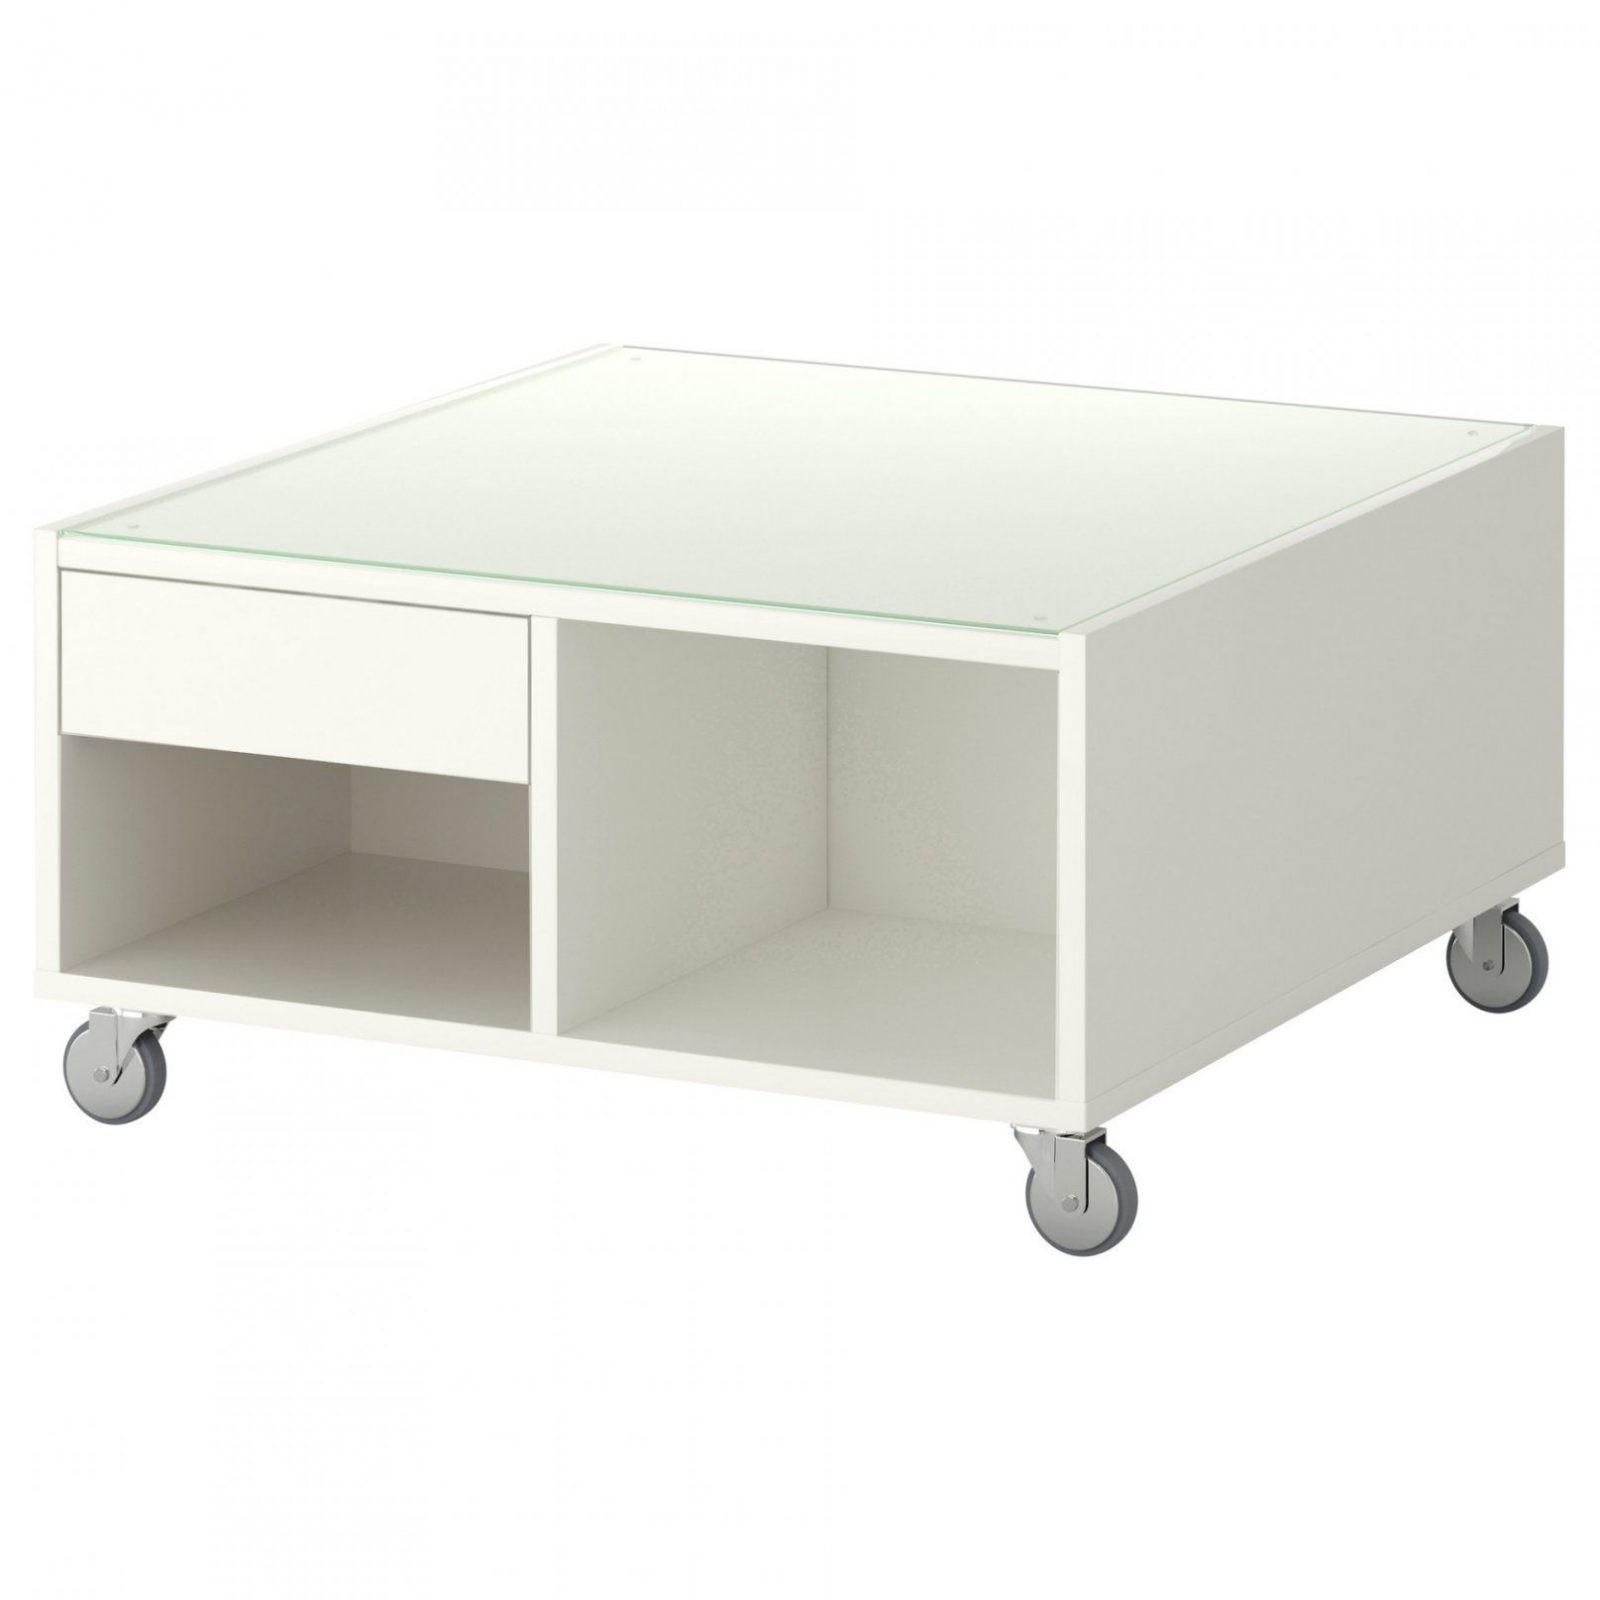 Elegant Boksel Couchtisch Weiß Ikea Home Upgrade Zum Tisch Mit von Tisch Mit Rollen Ikea Photo